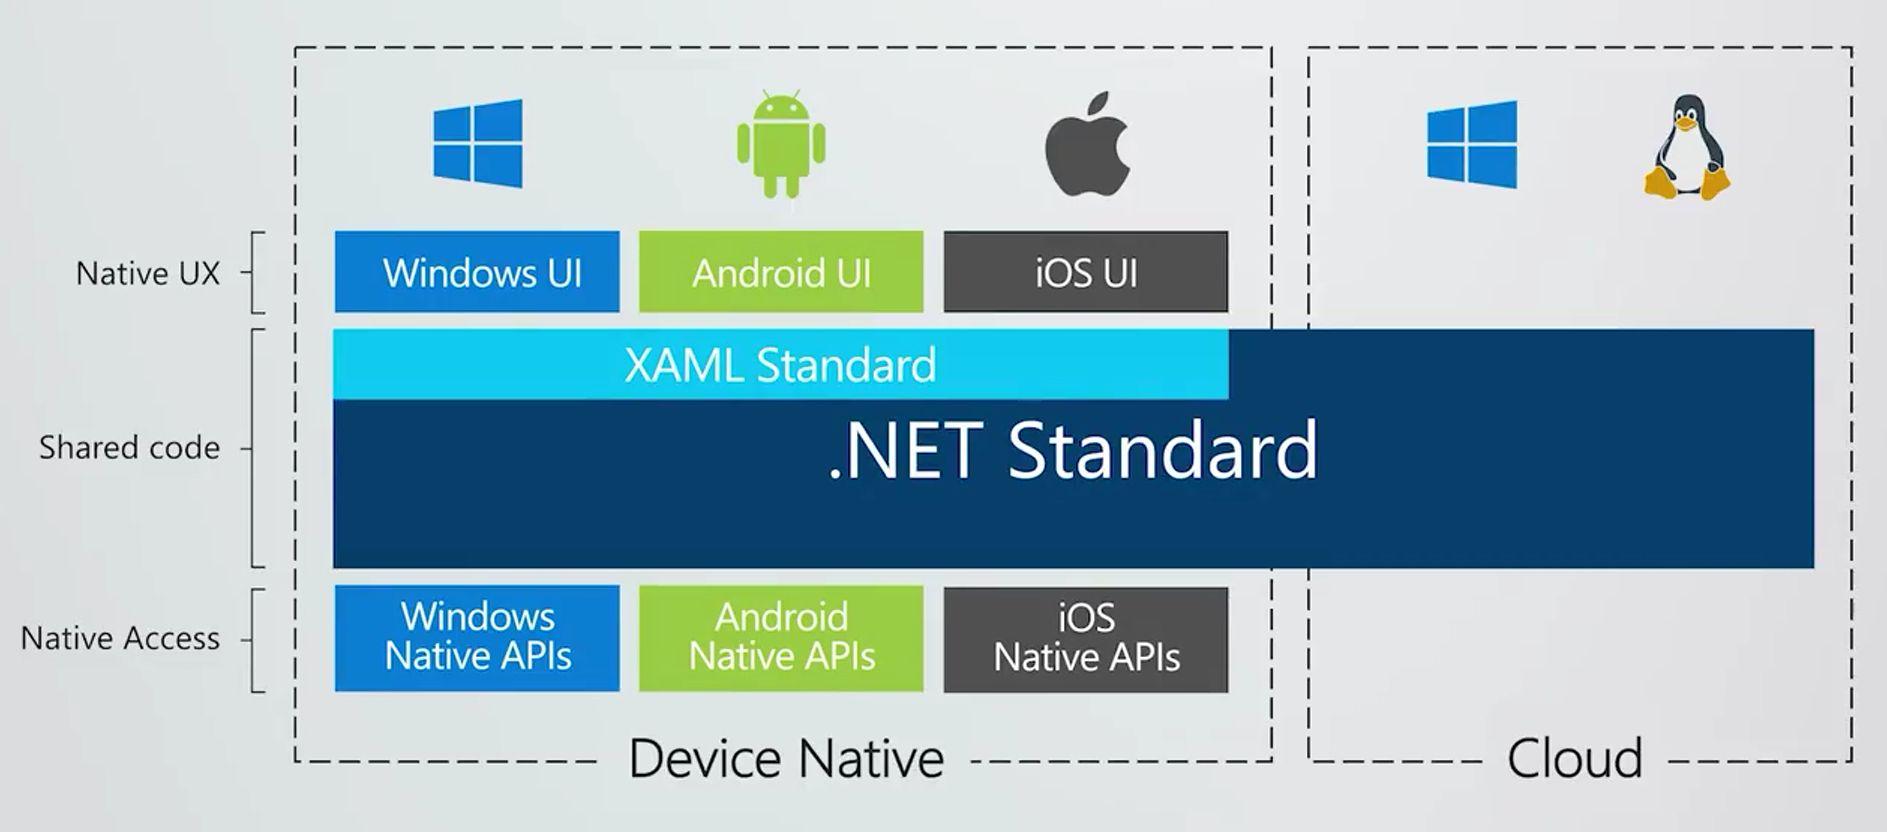 e8b51c7dd6f7 A .NET Standard-ra építő XAML Standarddal több platformra is lehet majd  felületeket építeni